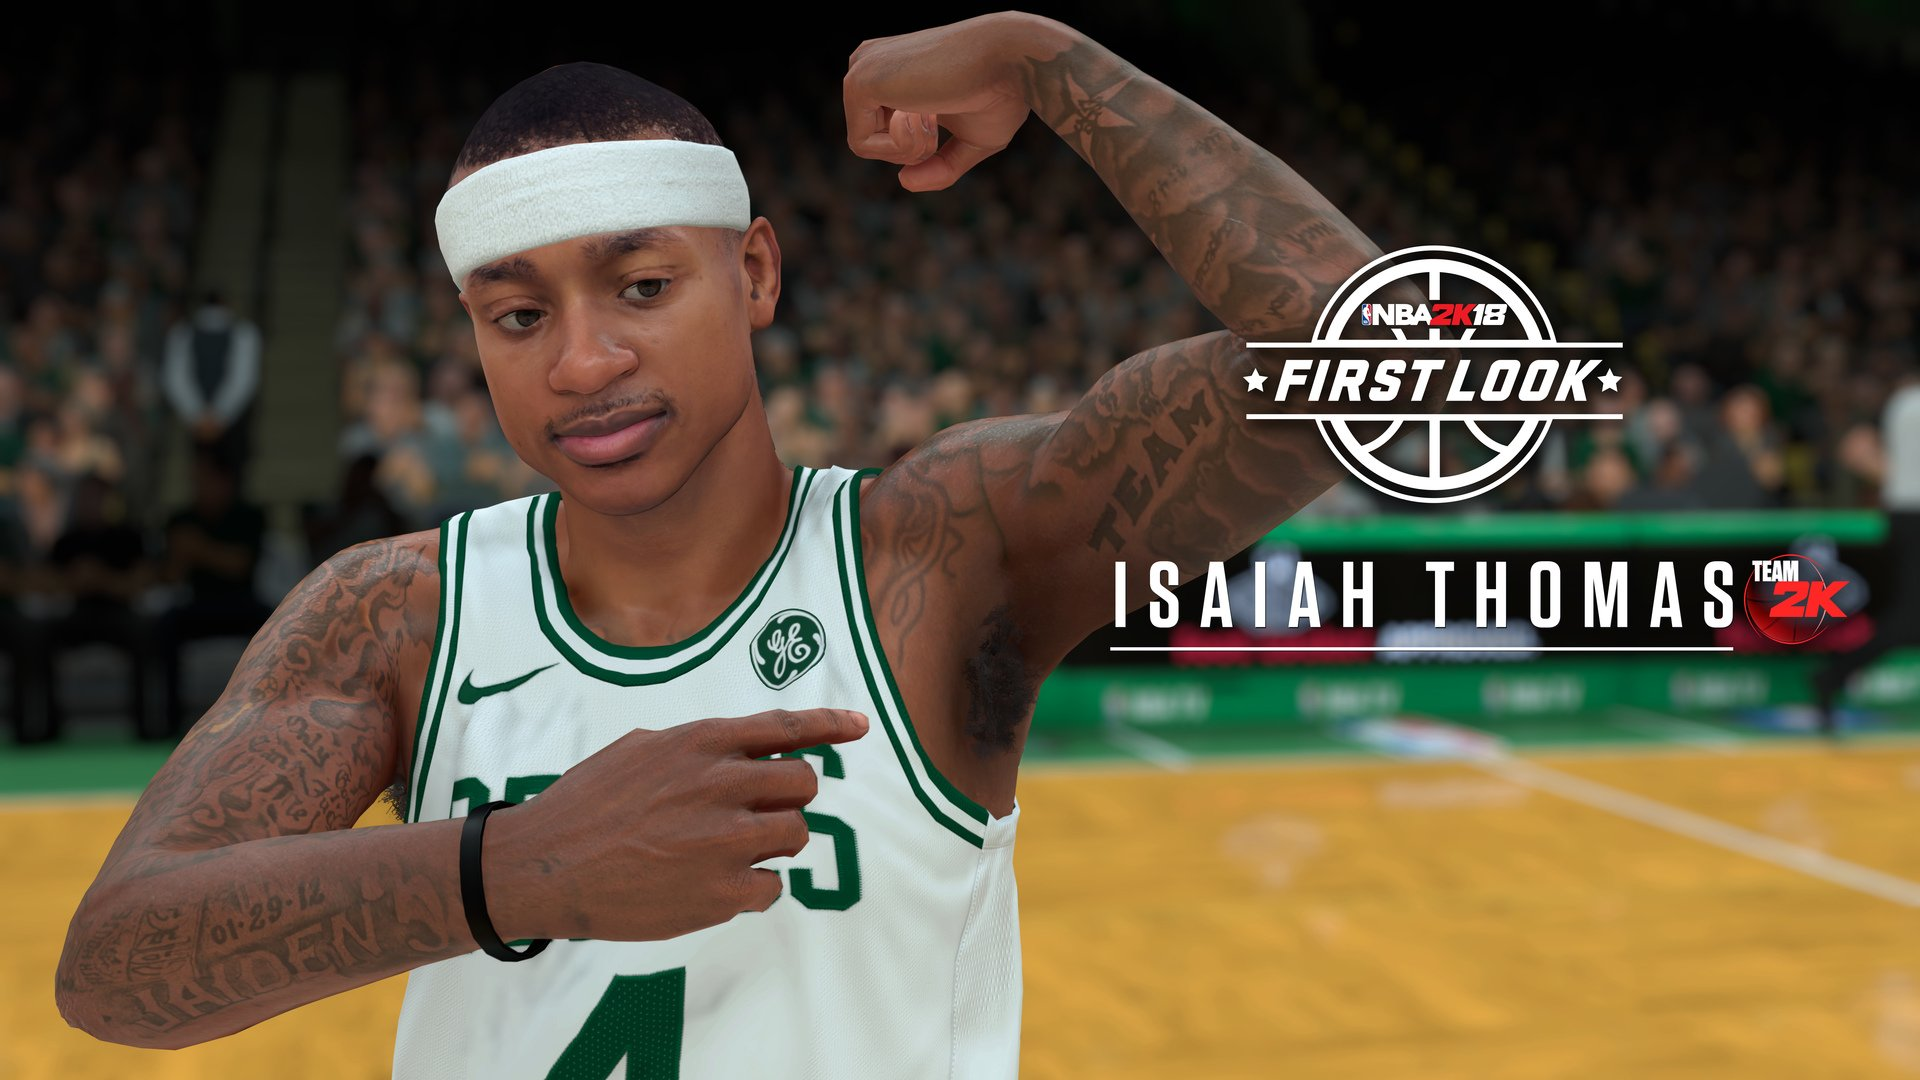 NBA 2K18 ISAIAH THOMAS